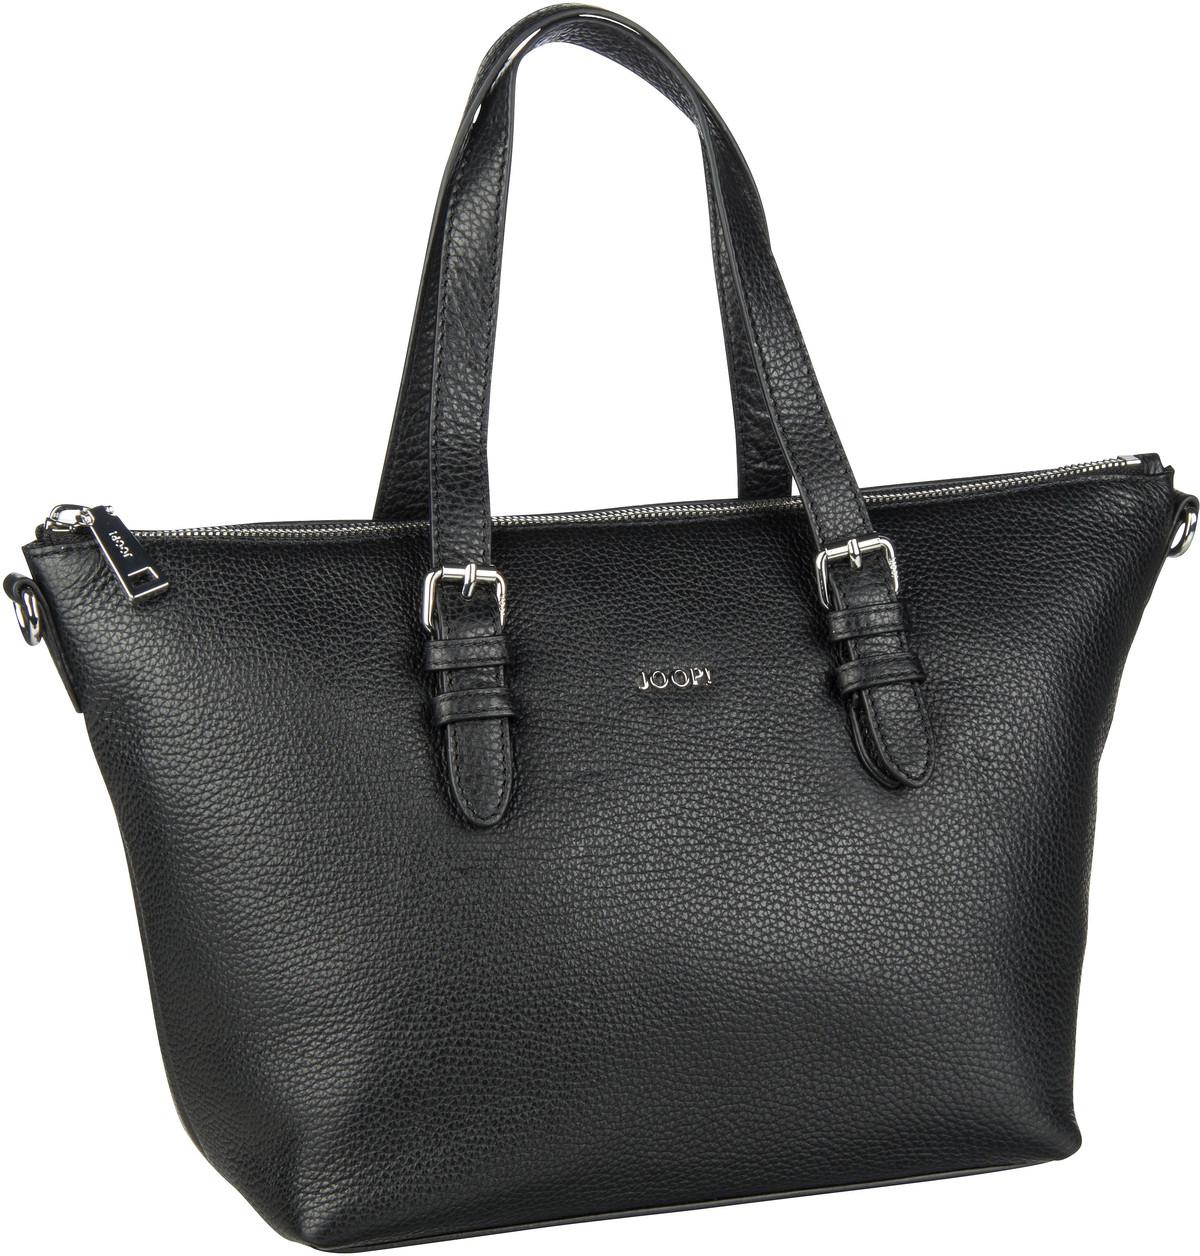 Handtasche Chiara Marla HandBag MHZ Black